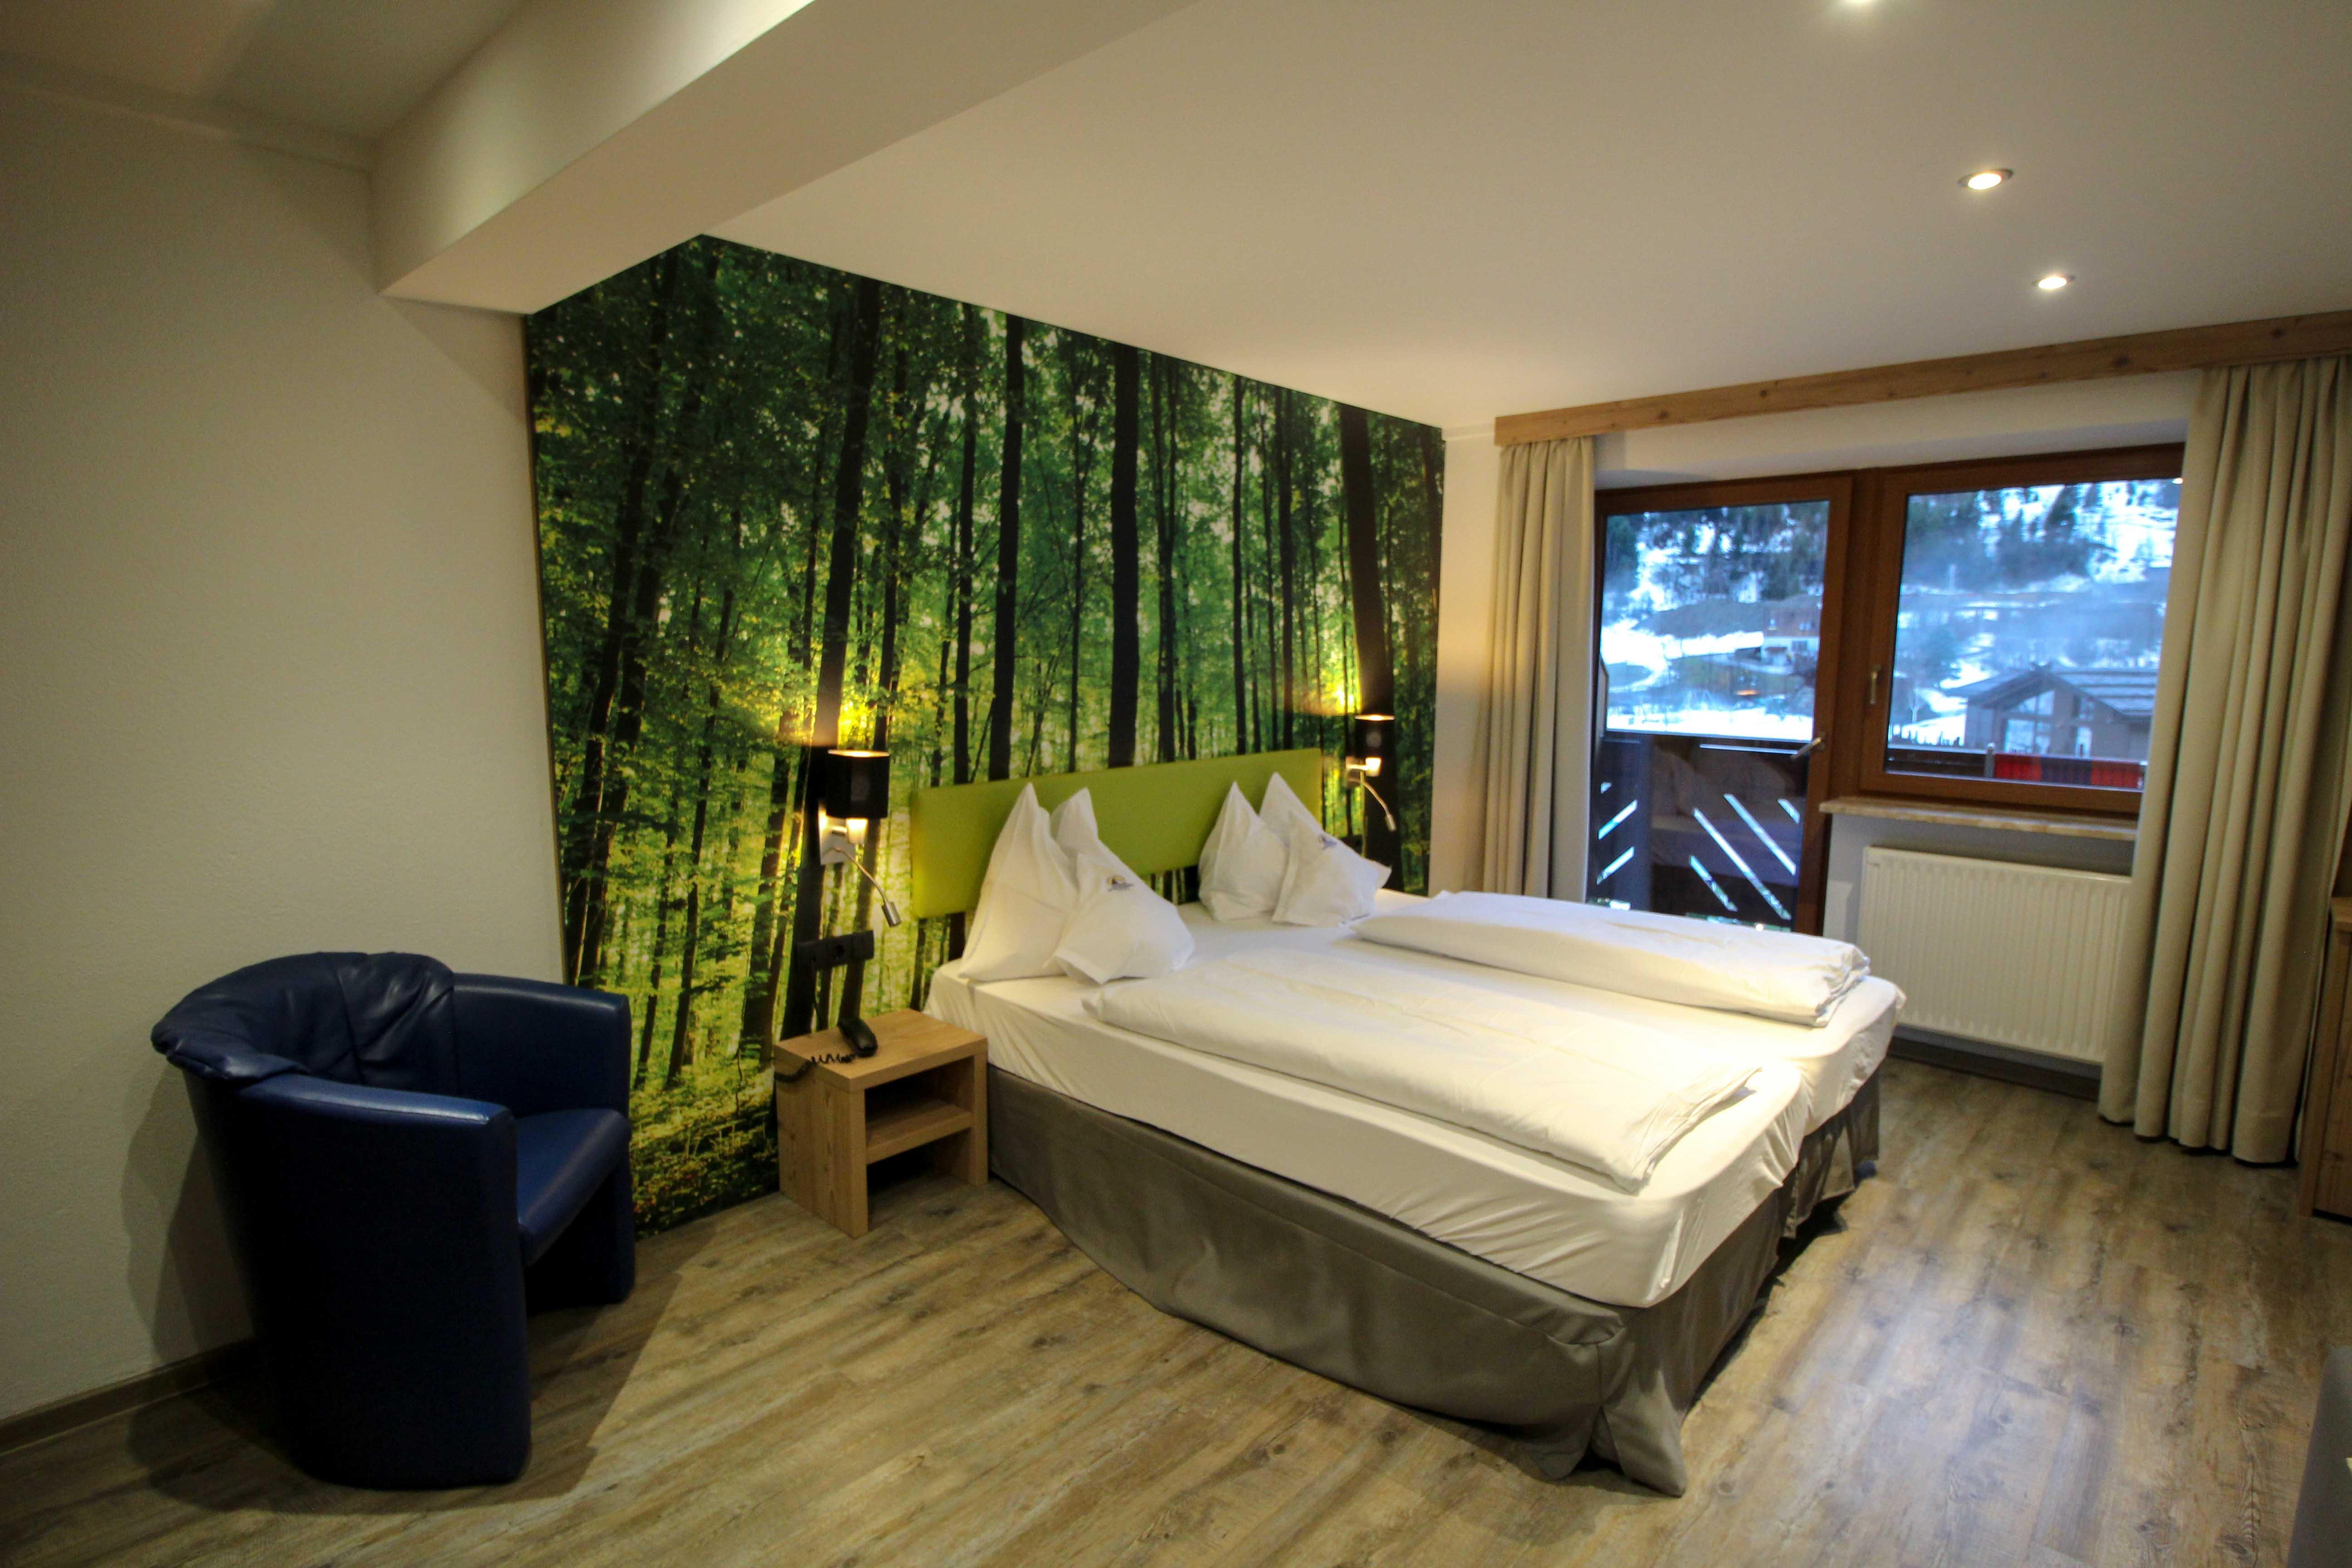 Südtirol Hotel Schneeberg Resort Spa Doppelzimmer Suite Italien Wellnesshotel Reiseblog Wellnessurlaub Kurzurlaub Hotelempfehlung Skiurlaub Winterurlaub